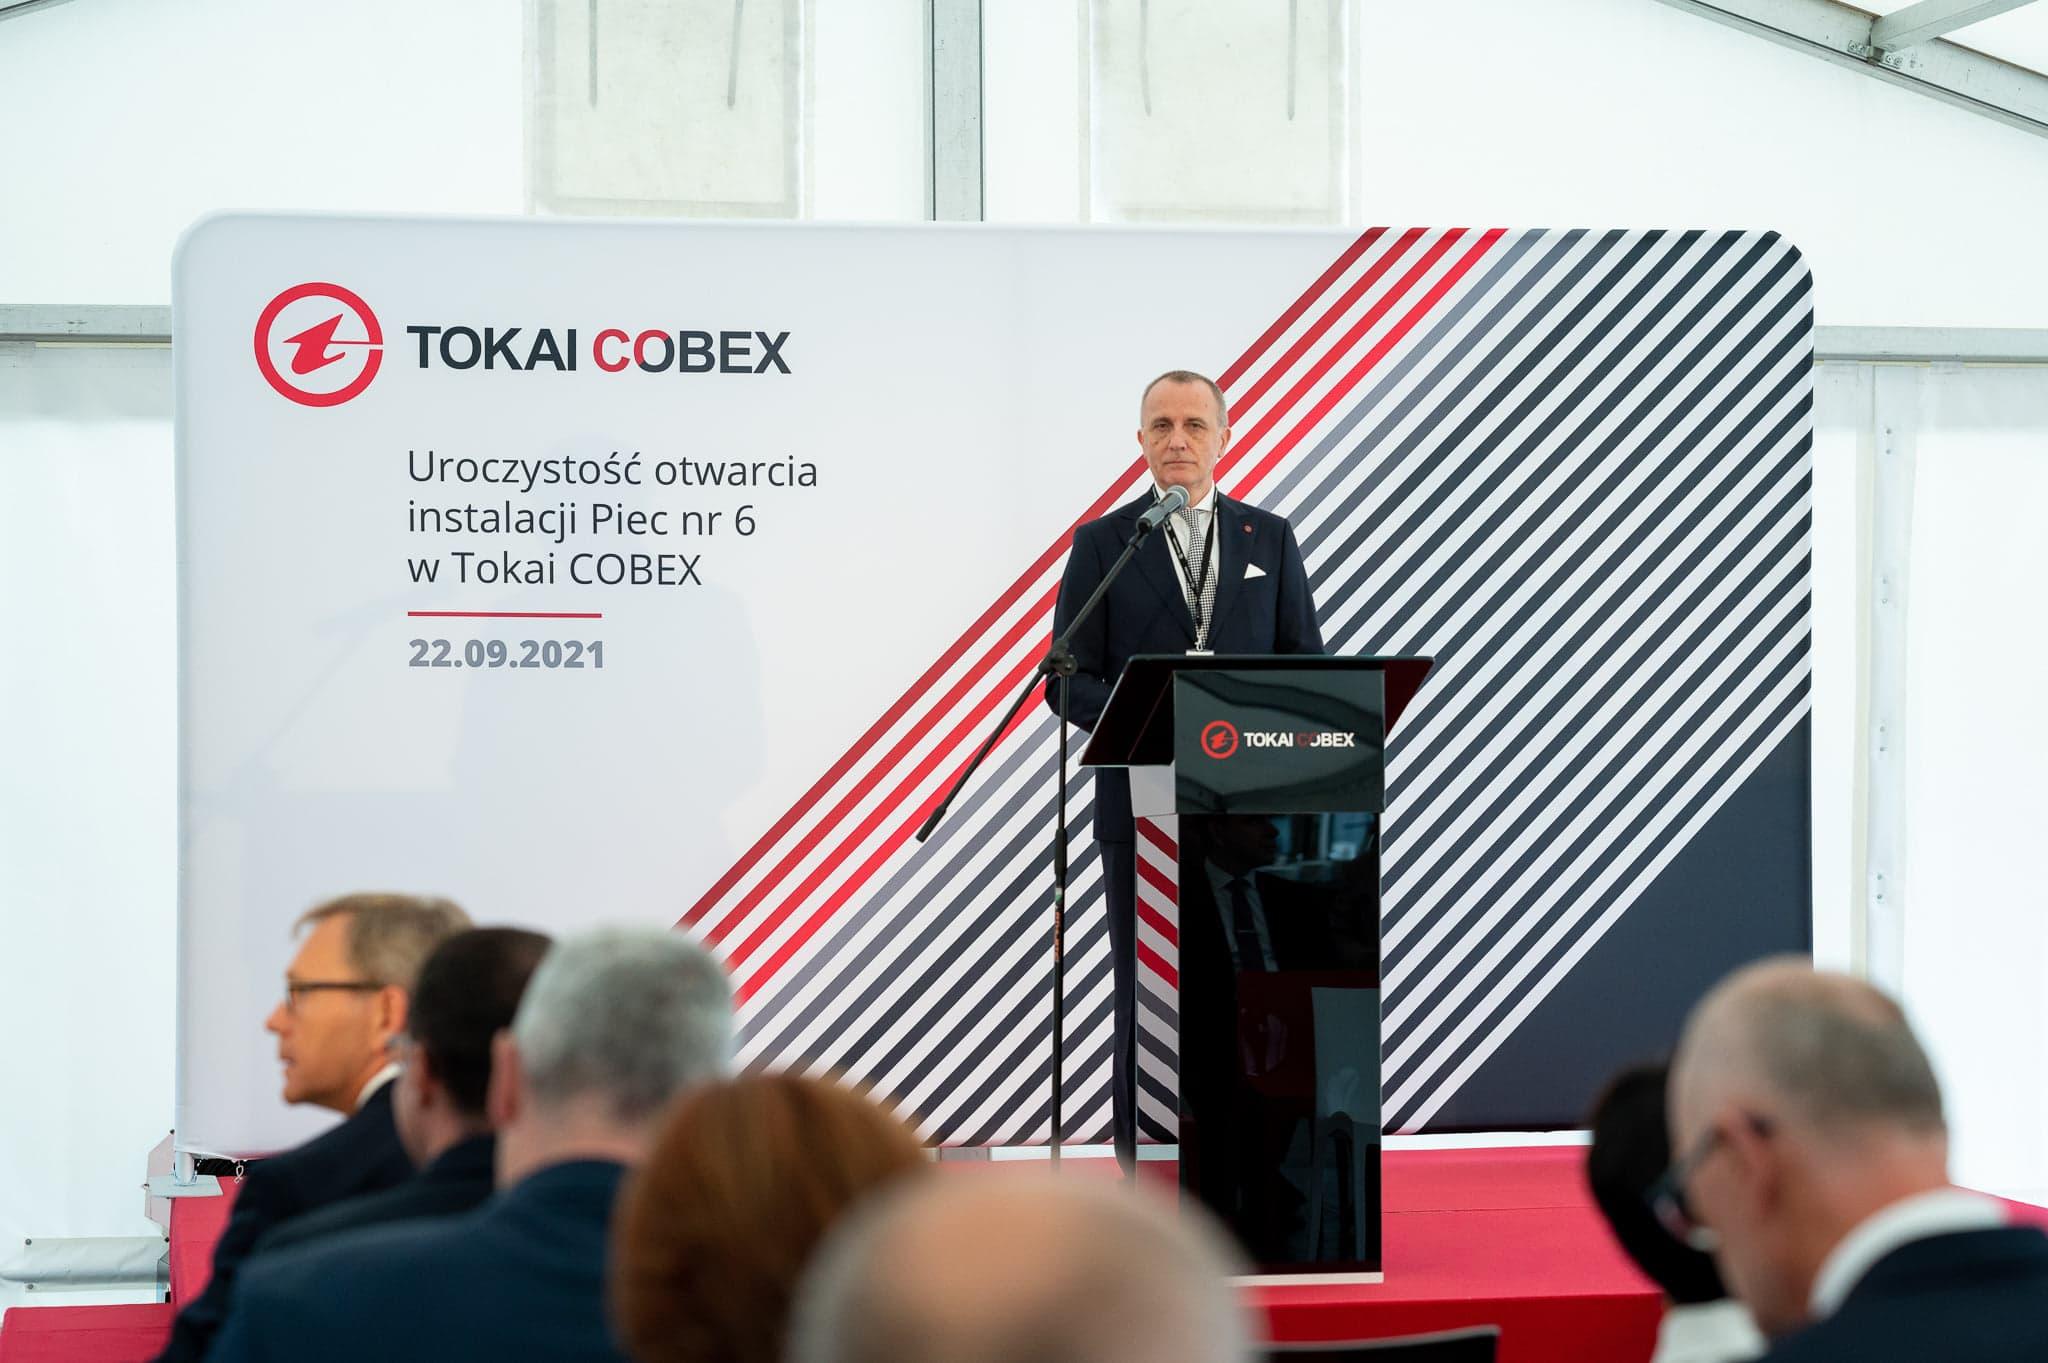 Tokai Cobex Polska